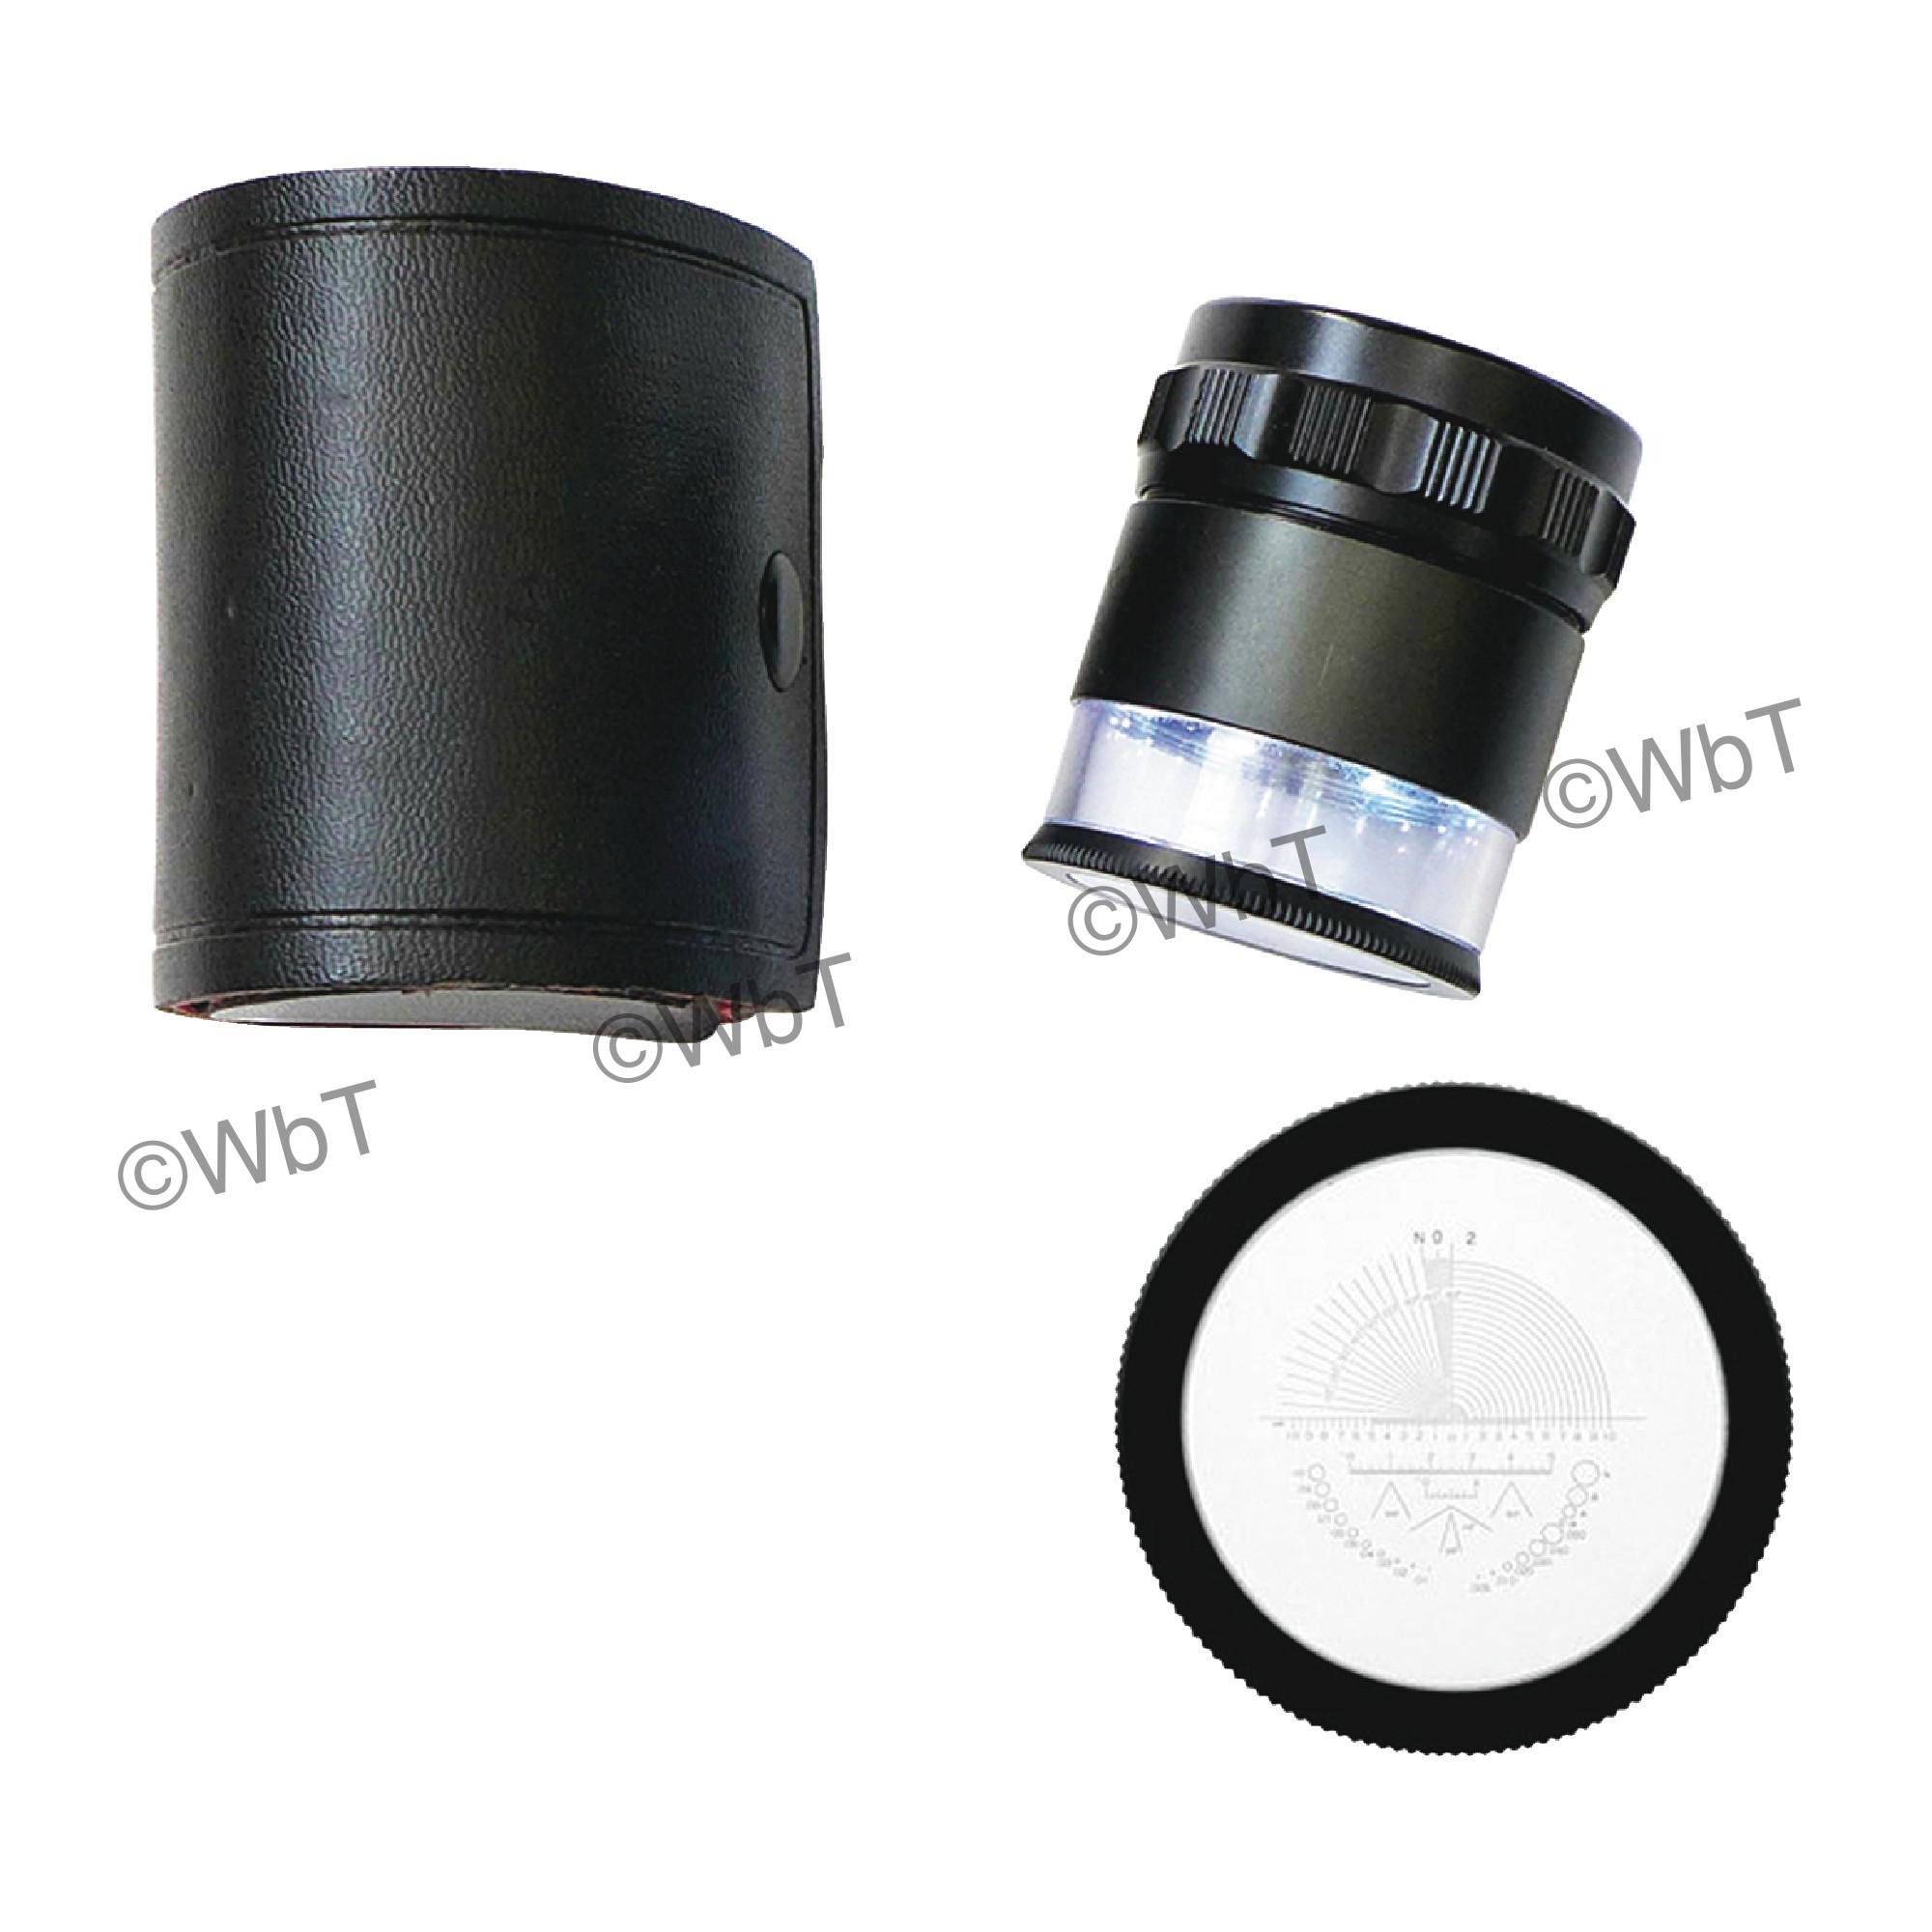 10X LED Magnifier Set